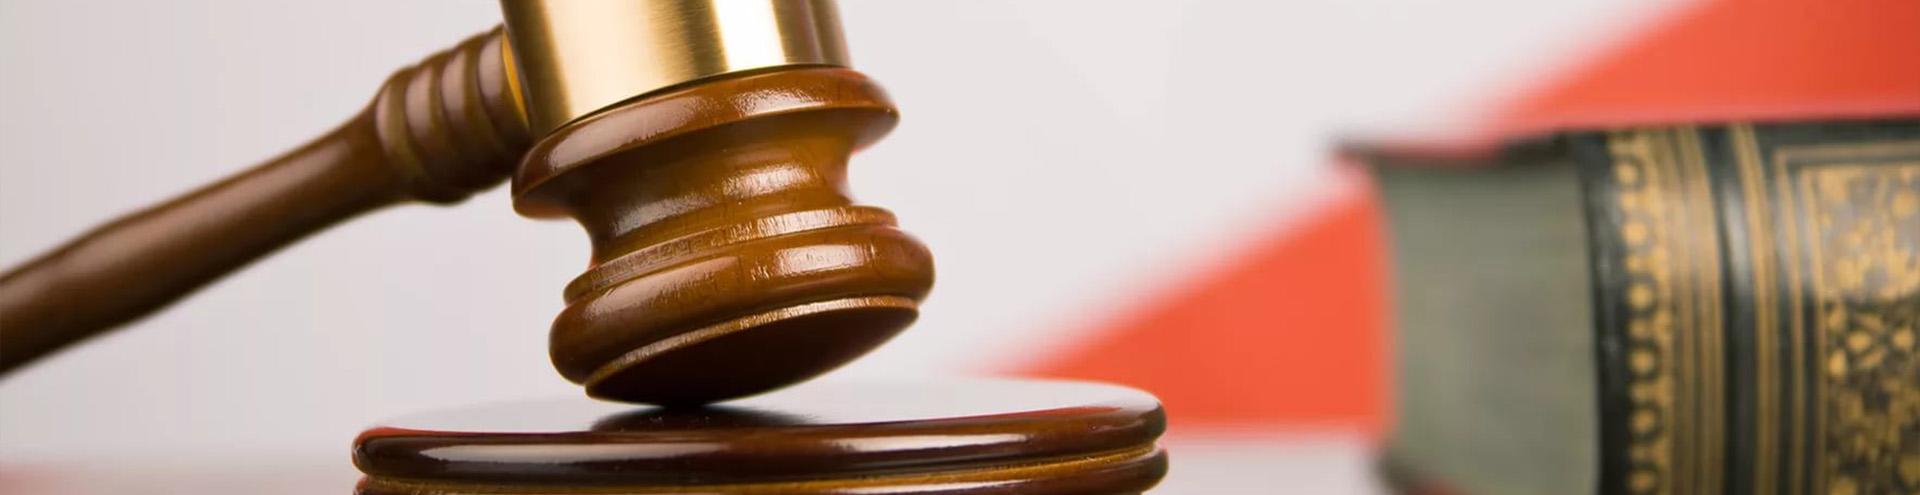 выдача судебного приказа в Ярославле и Ярославской области